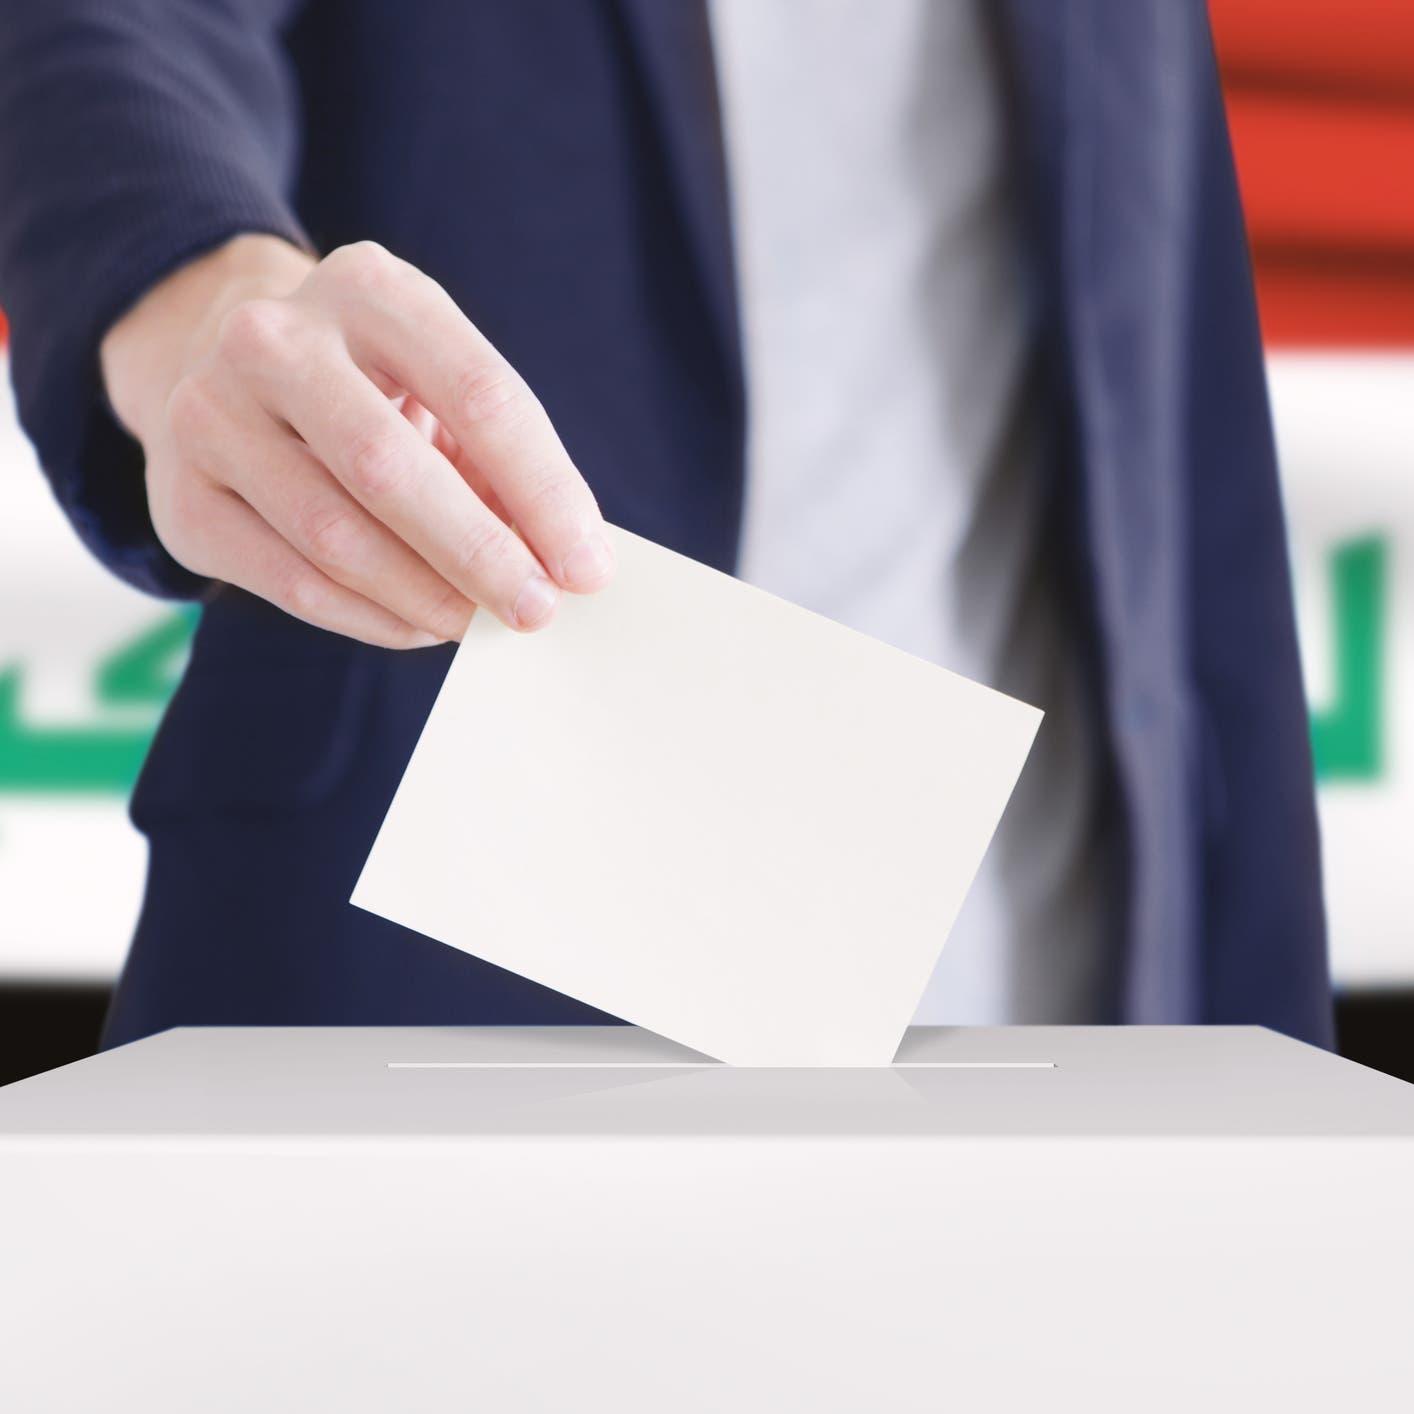 أميركا: تأجيل الانتخابات سيدخل العراق في أزمة معقدة